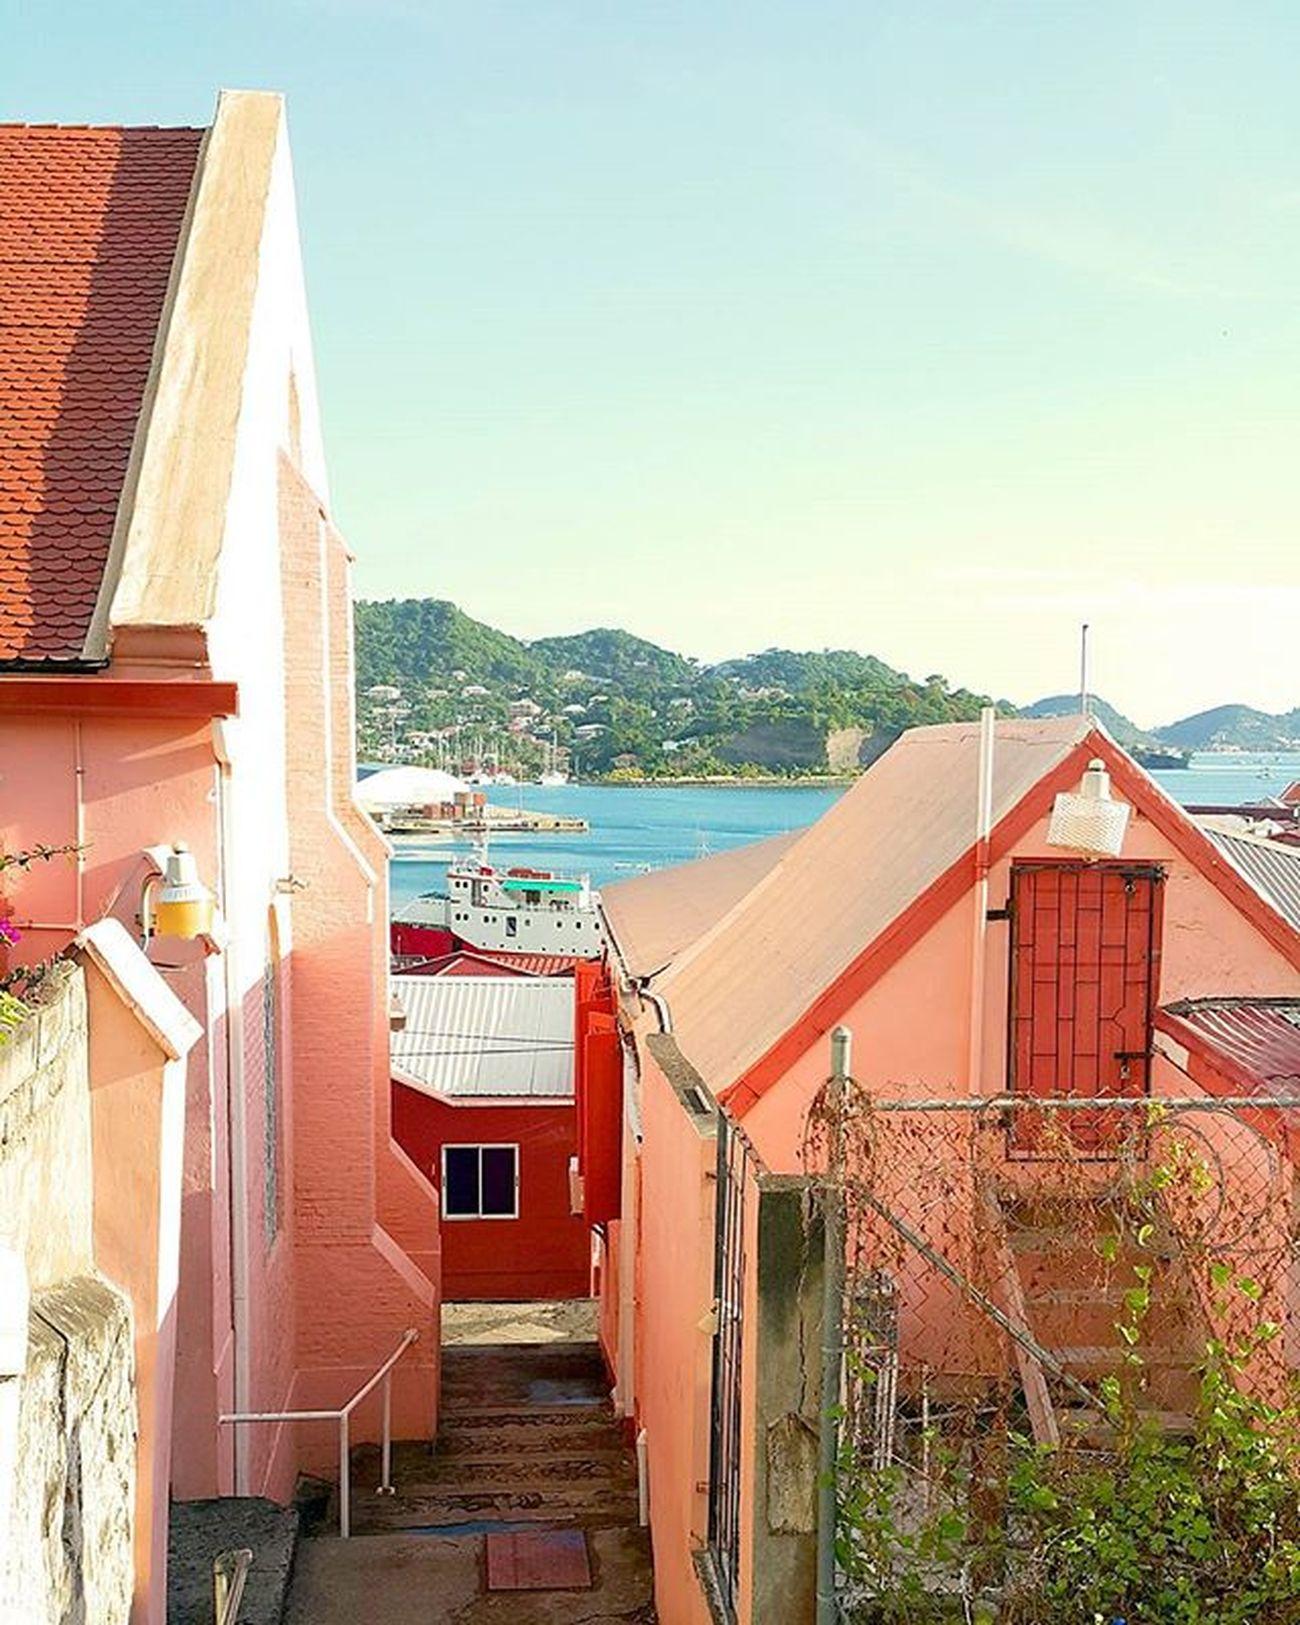 Grenada Ilivewhereyouvacation LOVESCARIBBEANSEA Loves_americas Amazingeyes Islandlife Ourbestshots Ig_caribbean IGDaily Islandlivity SpiceIsland Architecture Architecturelovers